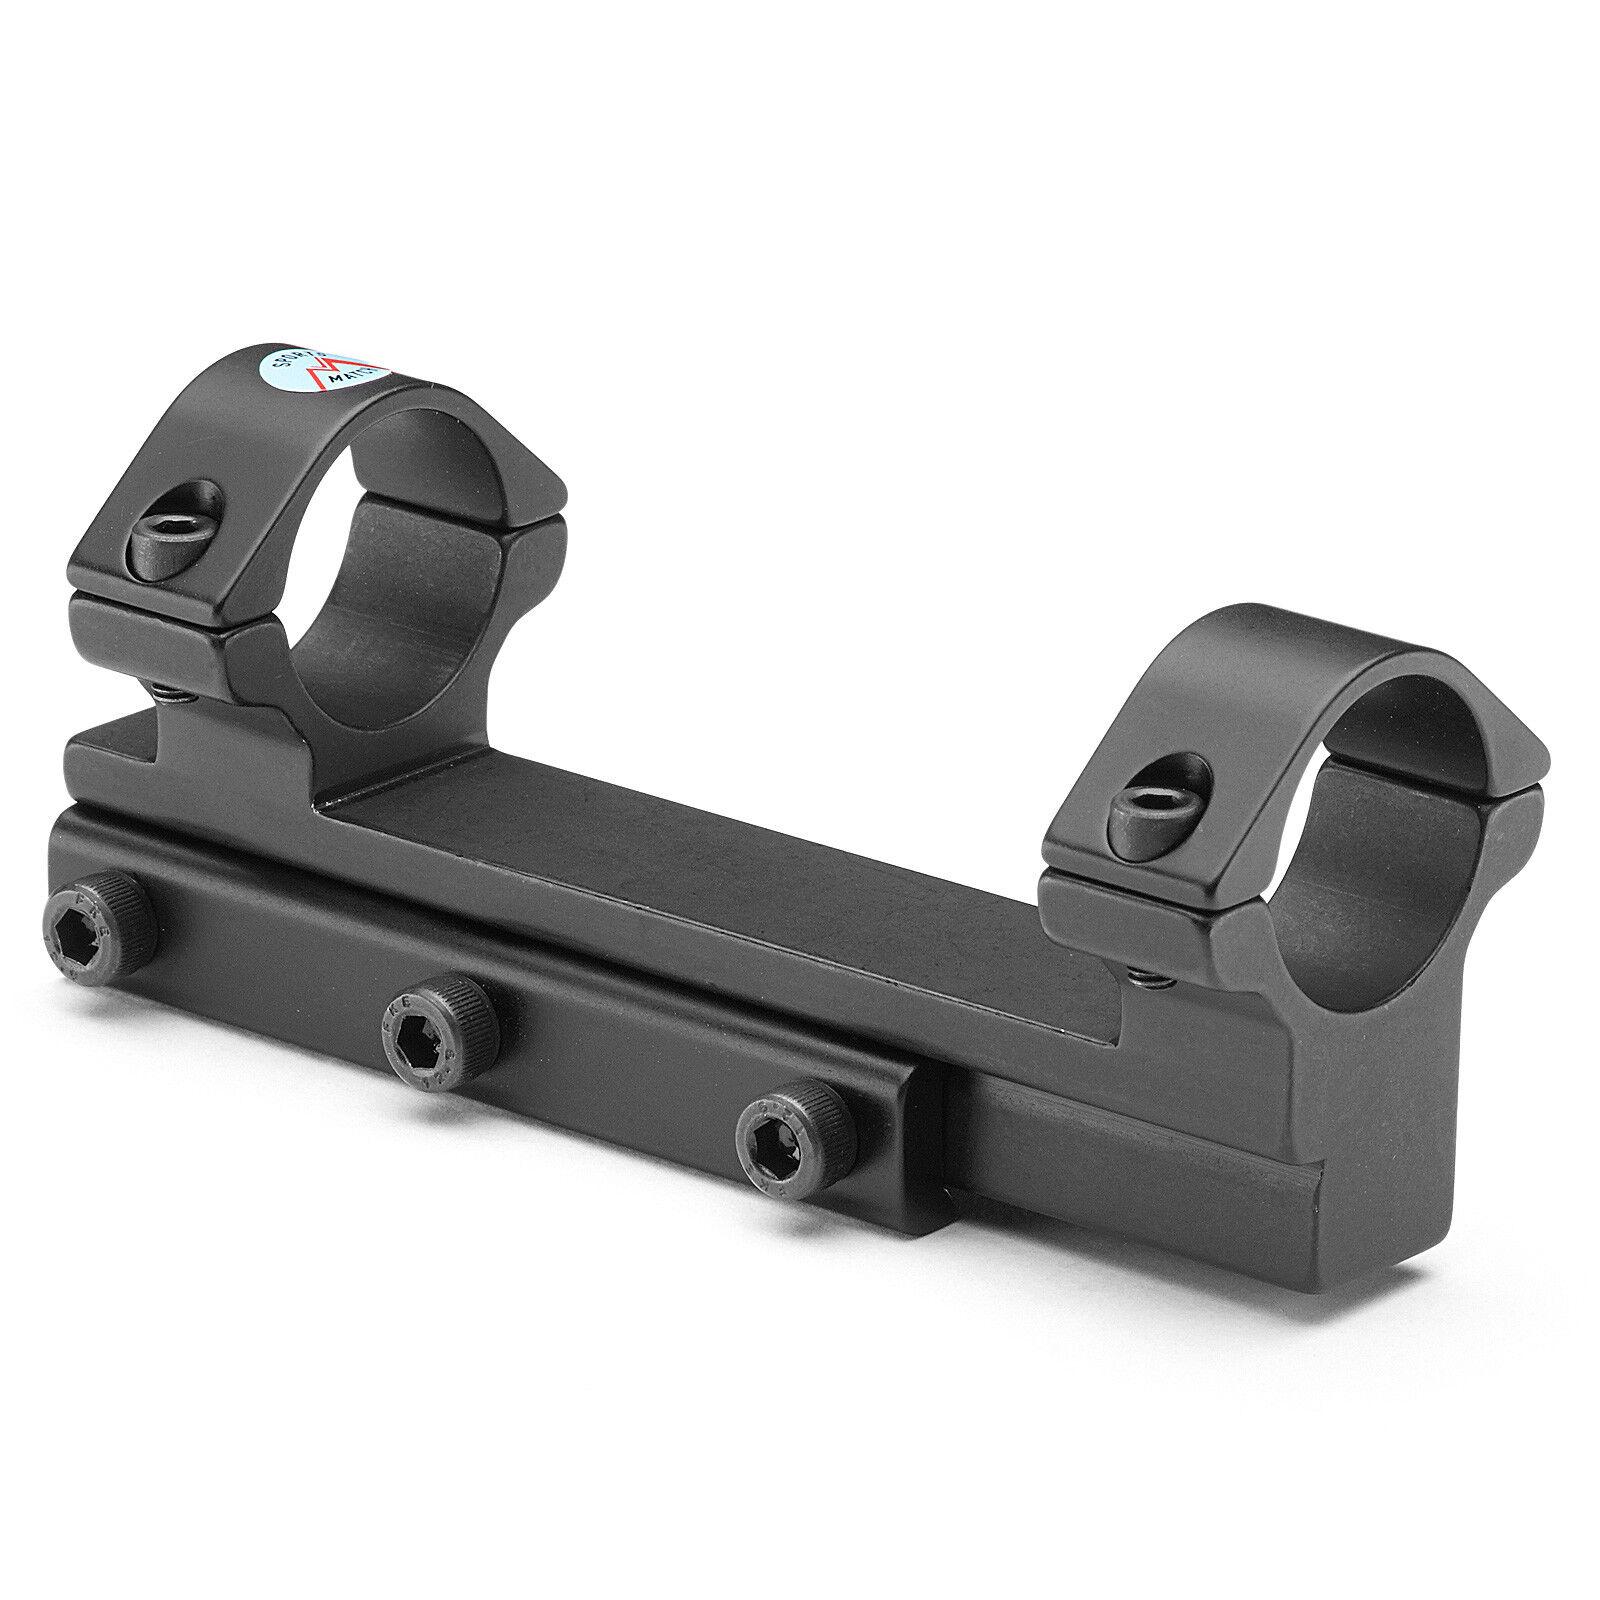 Deportesmatch hop17c 1  extendida alta Mira Para Rifle montaje  temprana Bsa Rifles De Aire Comprimido  oferta de tienda